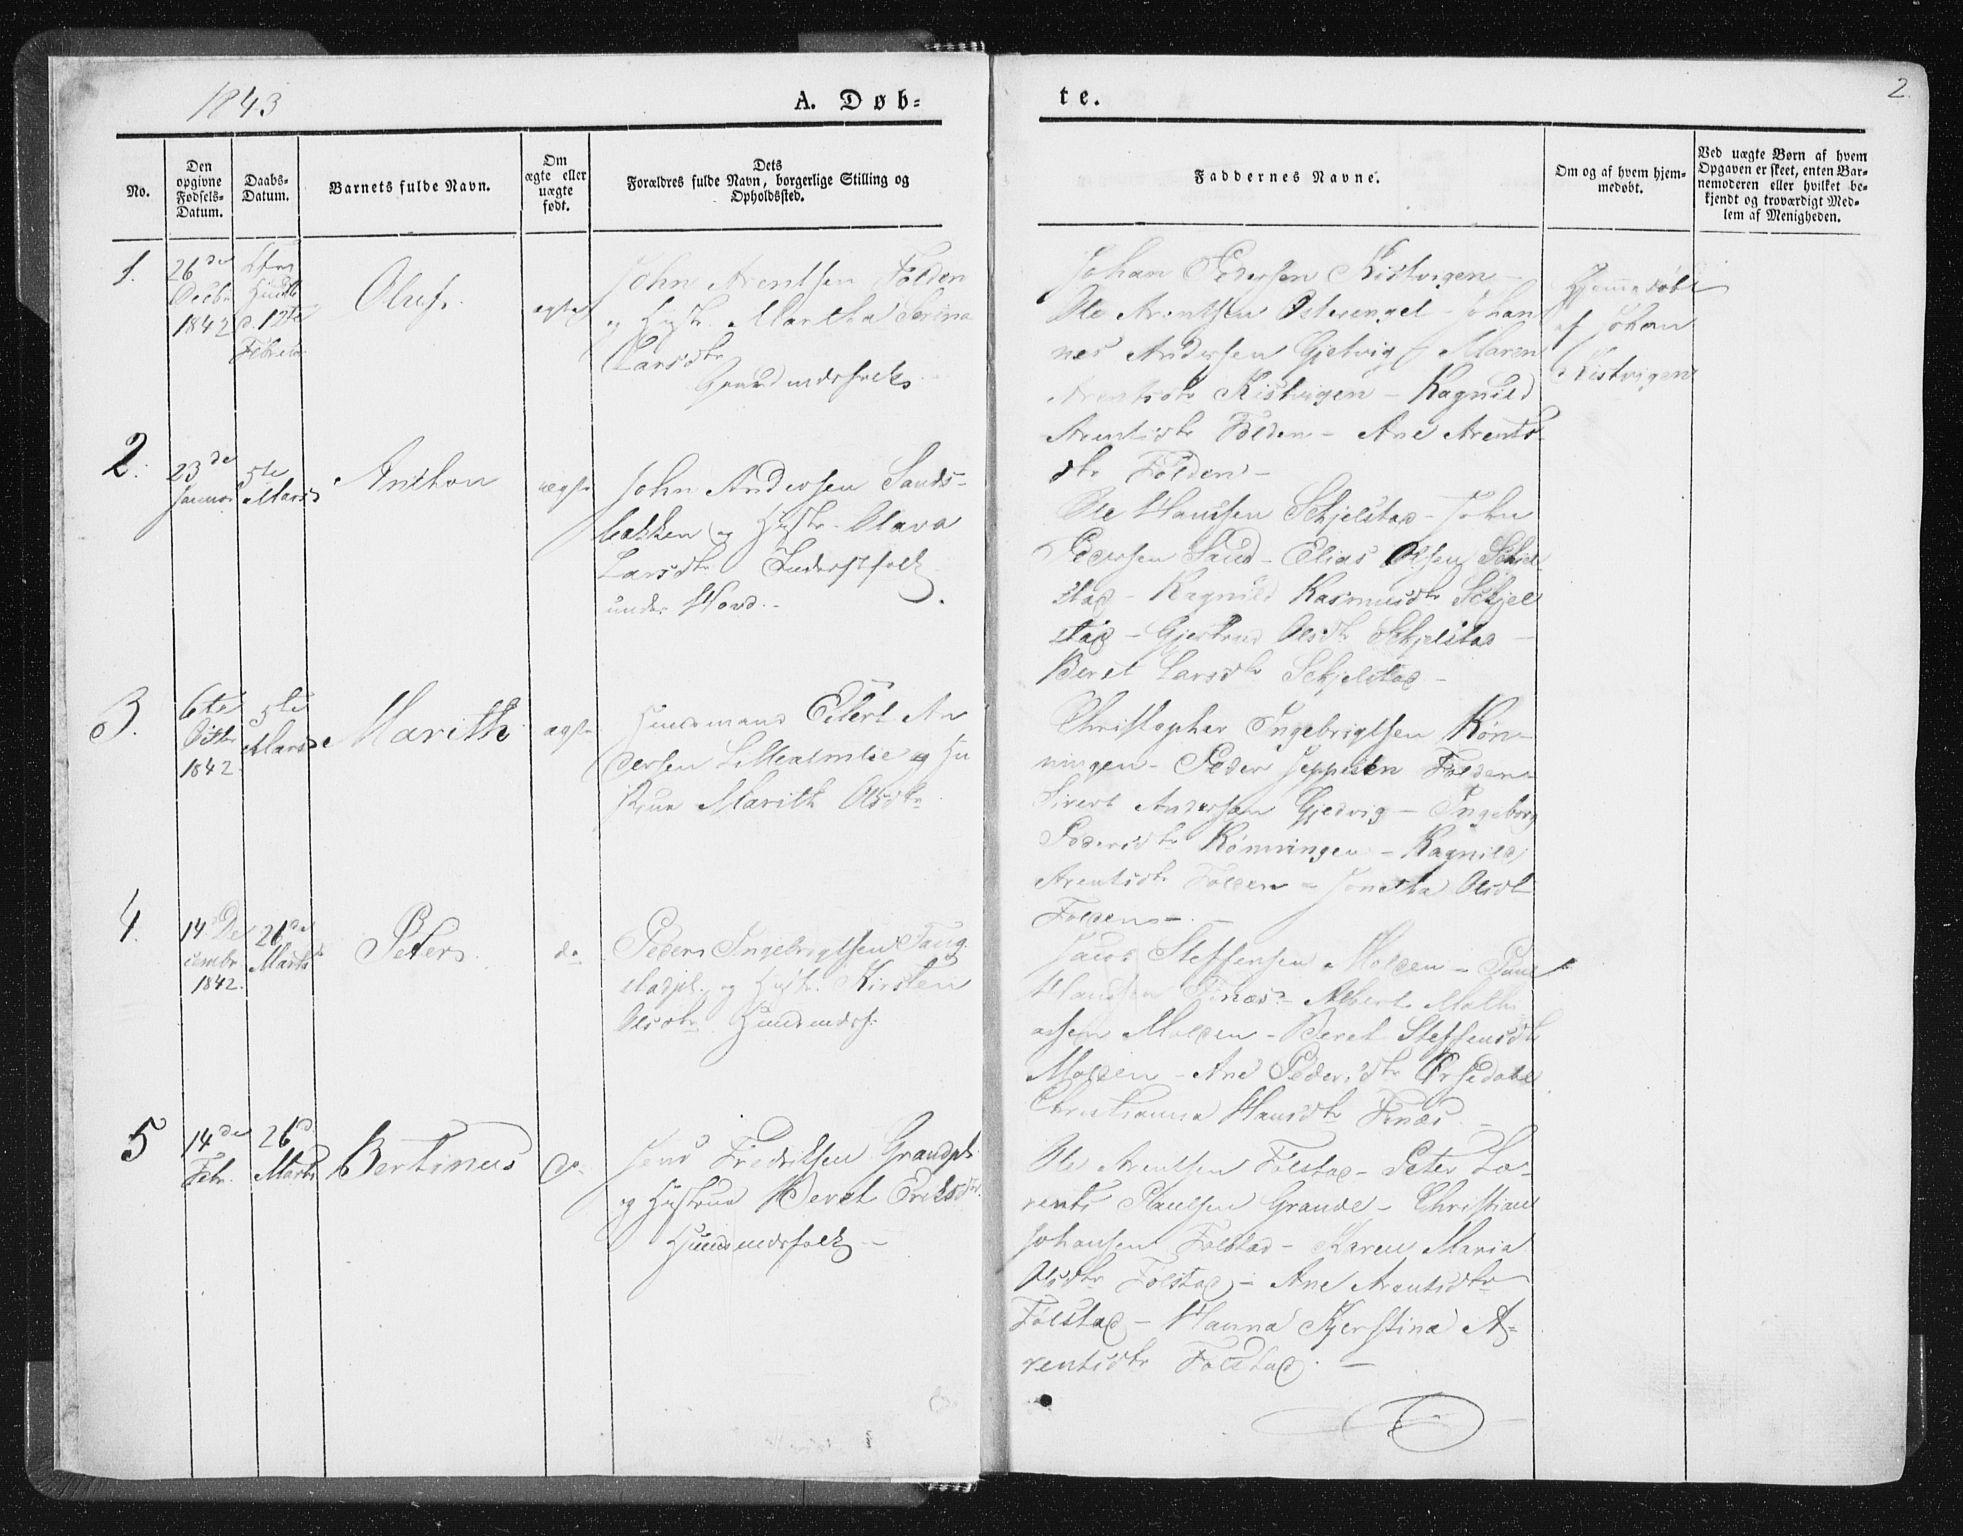 SAT, Ministerialprotokoller, klokkerbøker og fødselsregistre - Nord-Trøndelag, 744/L0418: Ministerialbok nr. 744A02, 1843-1866, s. 2